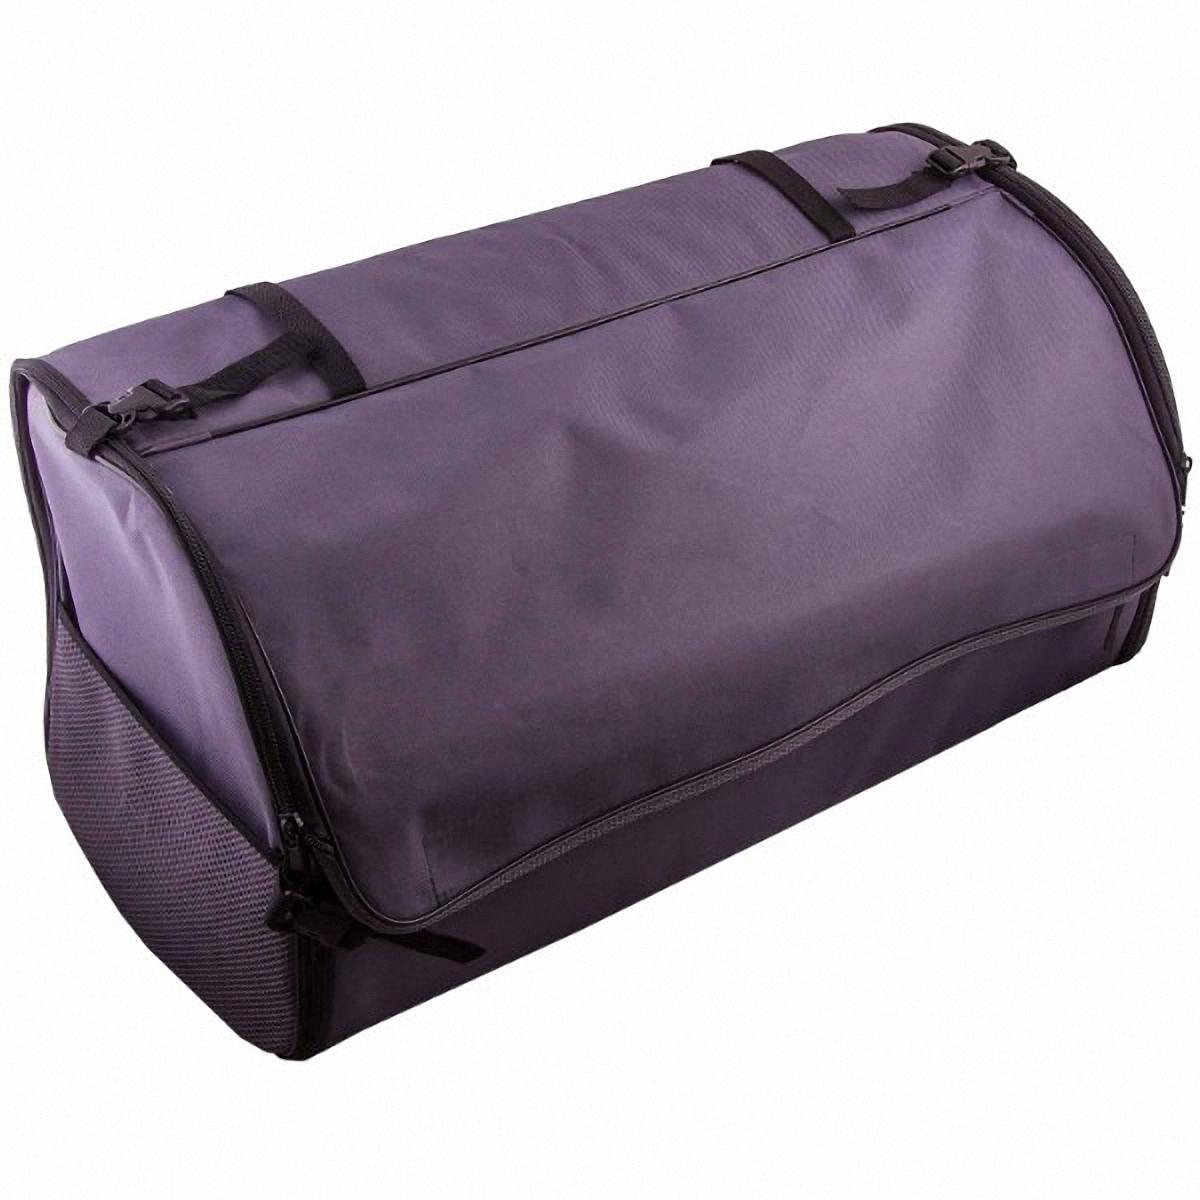 Органайзер автомобильный Skyway, в багажник, цвет: серый, 60 х 30 х 30 смMF-6W-12/230Органайзер Skyway используется в багажнике для хранения различных вещей и мелких предметов, позволит вам компактно разместить все необходимые инструменты и аксессуары. Также может использоваться в качестве обычной сумки. Изготовлен из материала оксфорд. Материал очень прочный, устойчив к химическим веществам, долговечный и непромокаемый. Органайзер имеет боковые карманы-сетки, крышку на липучке и два больших кармана.